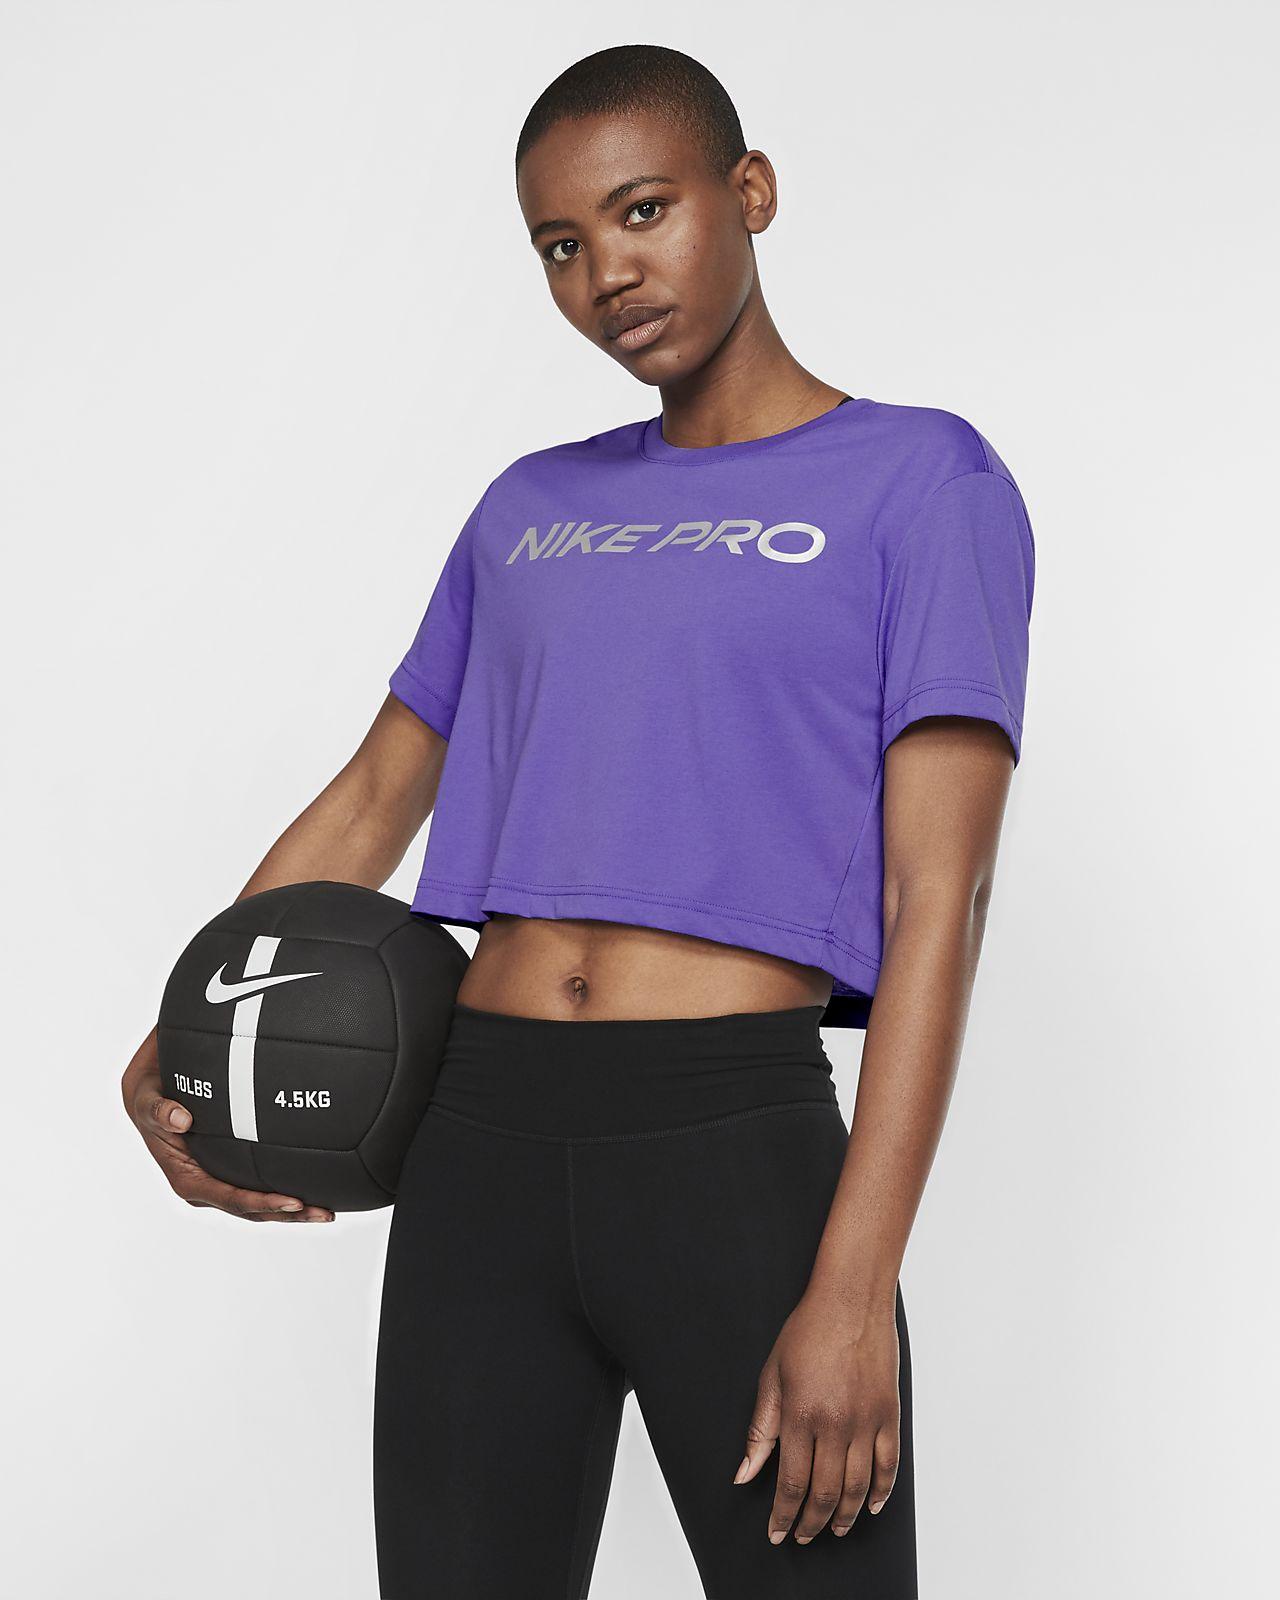 Nike Dri-FIT trenings-T-skjorte til dame